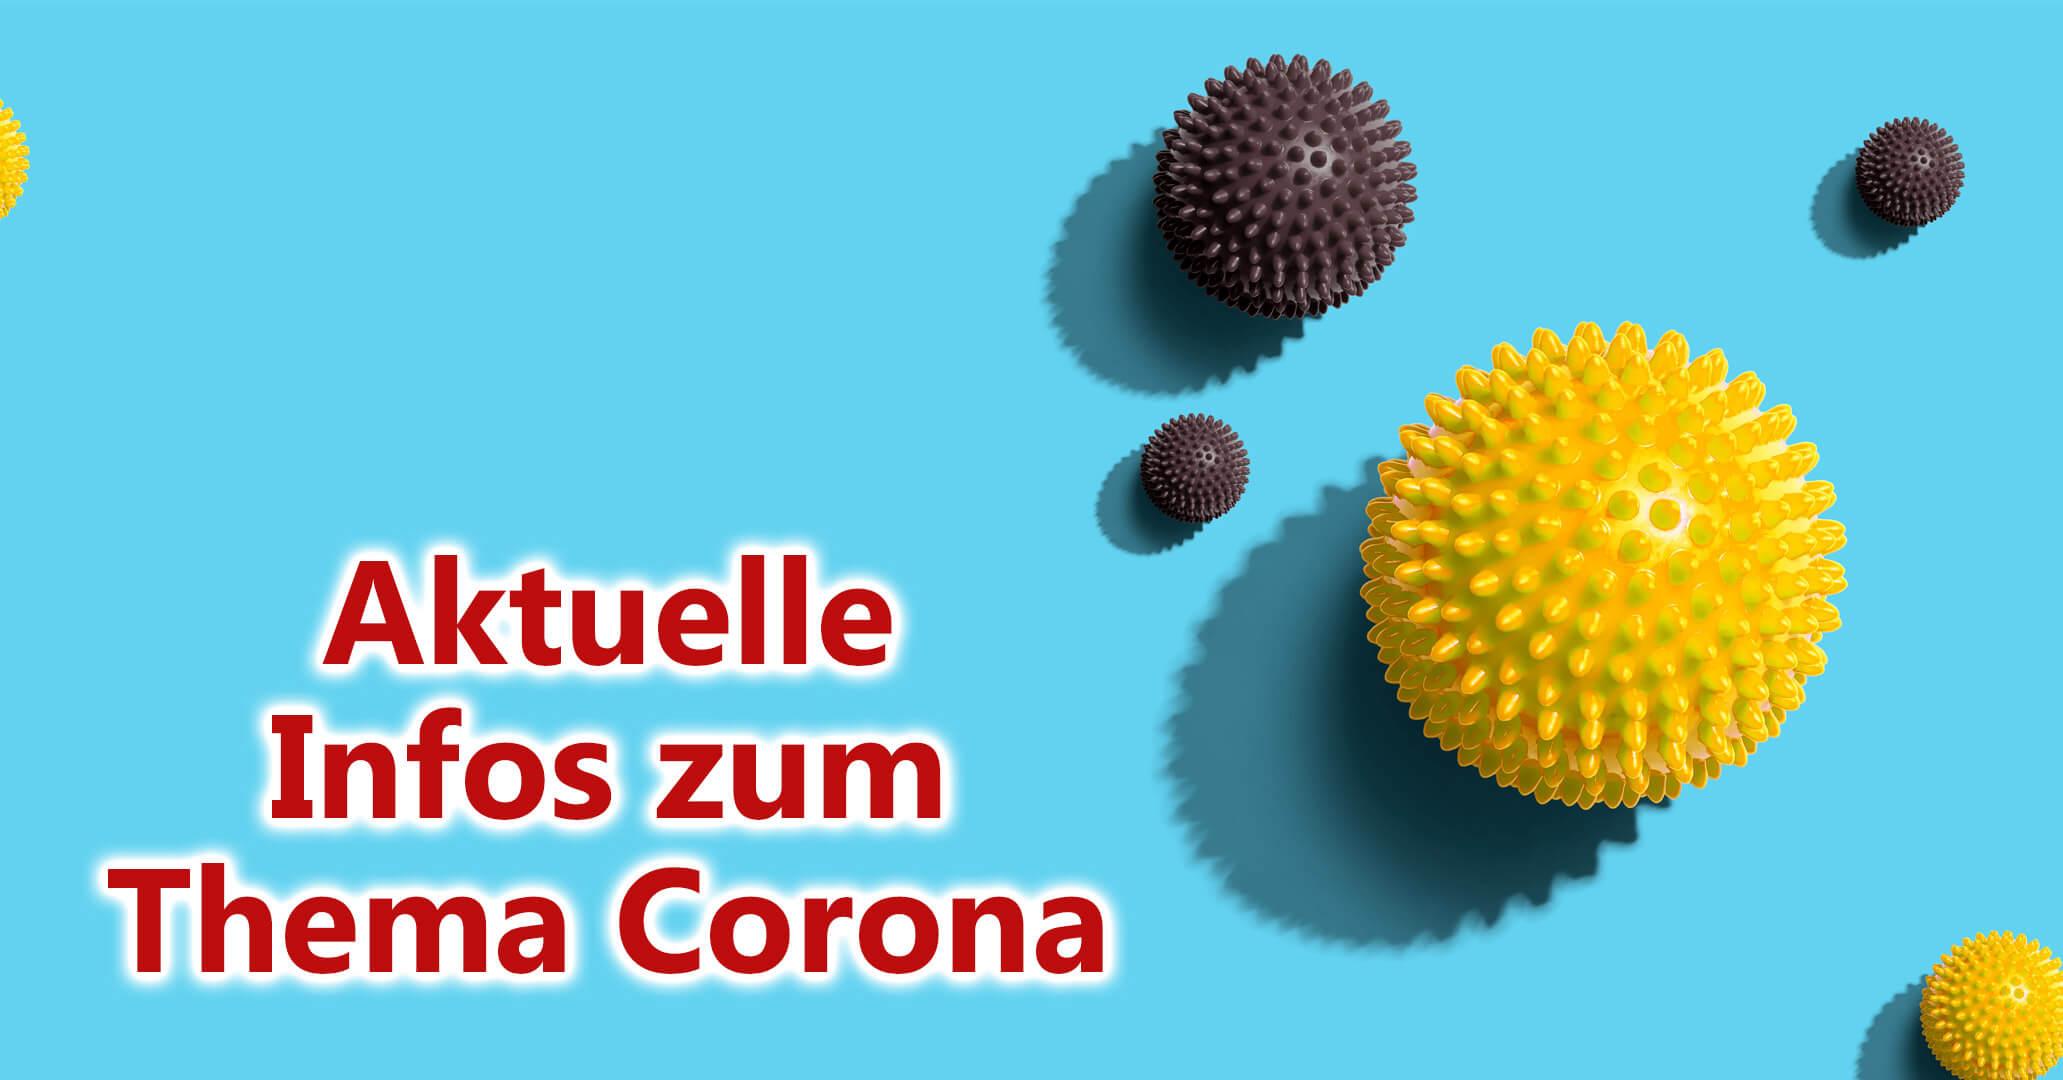 Hamburg Corona Aktuell